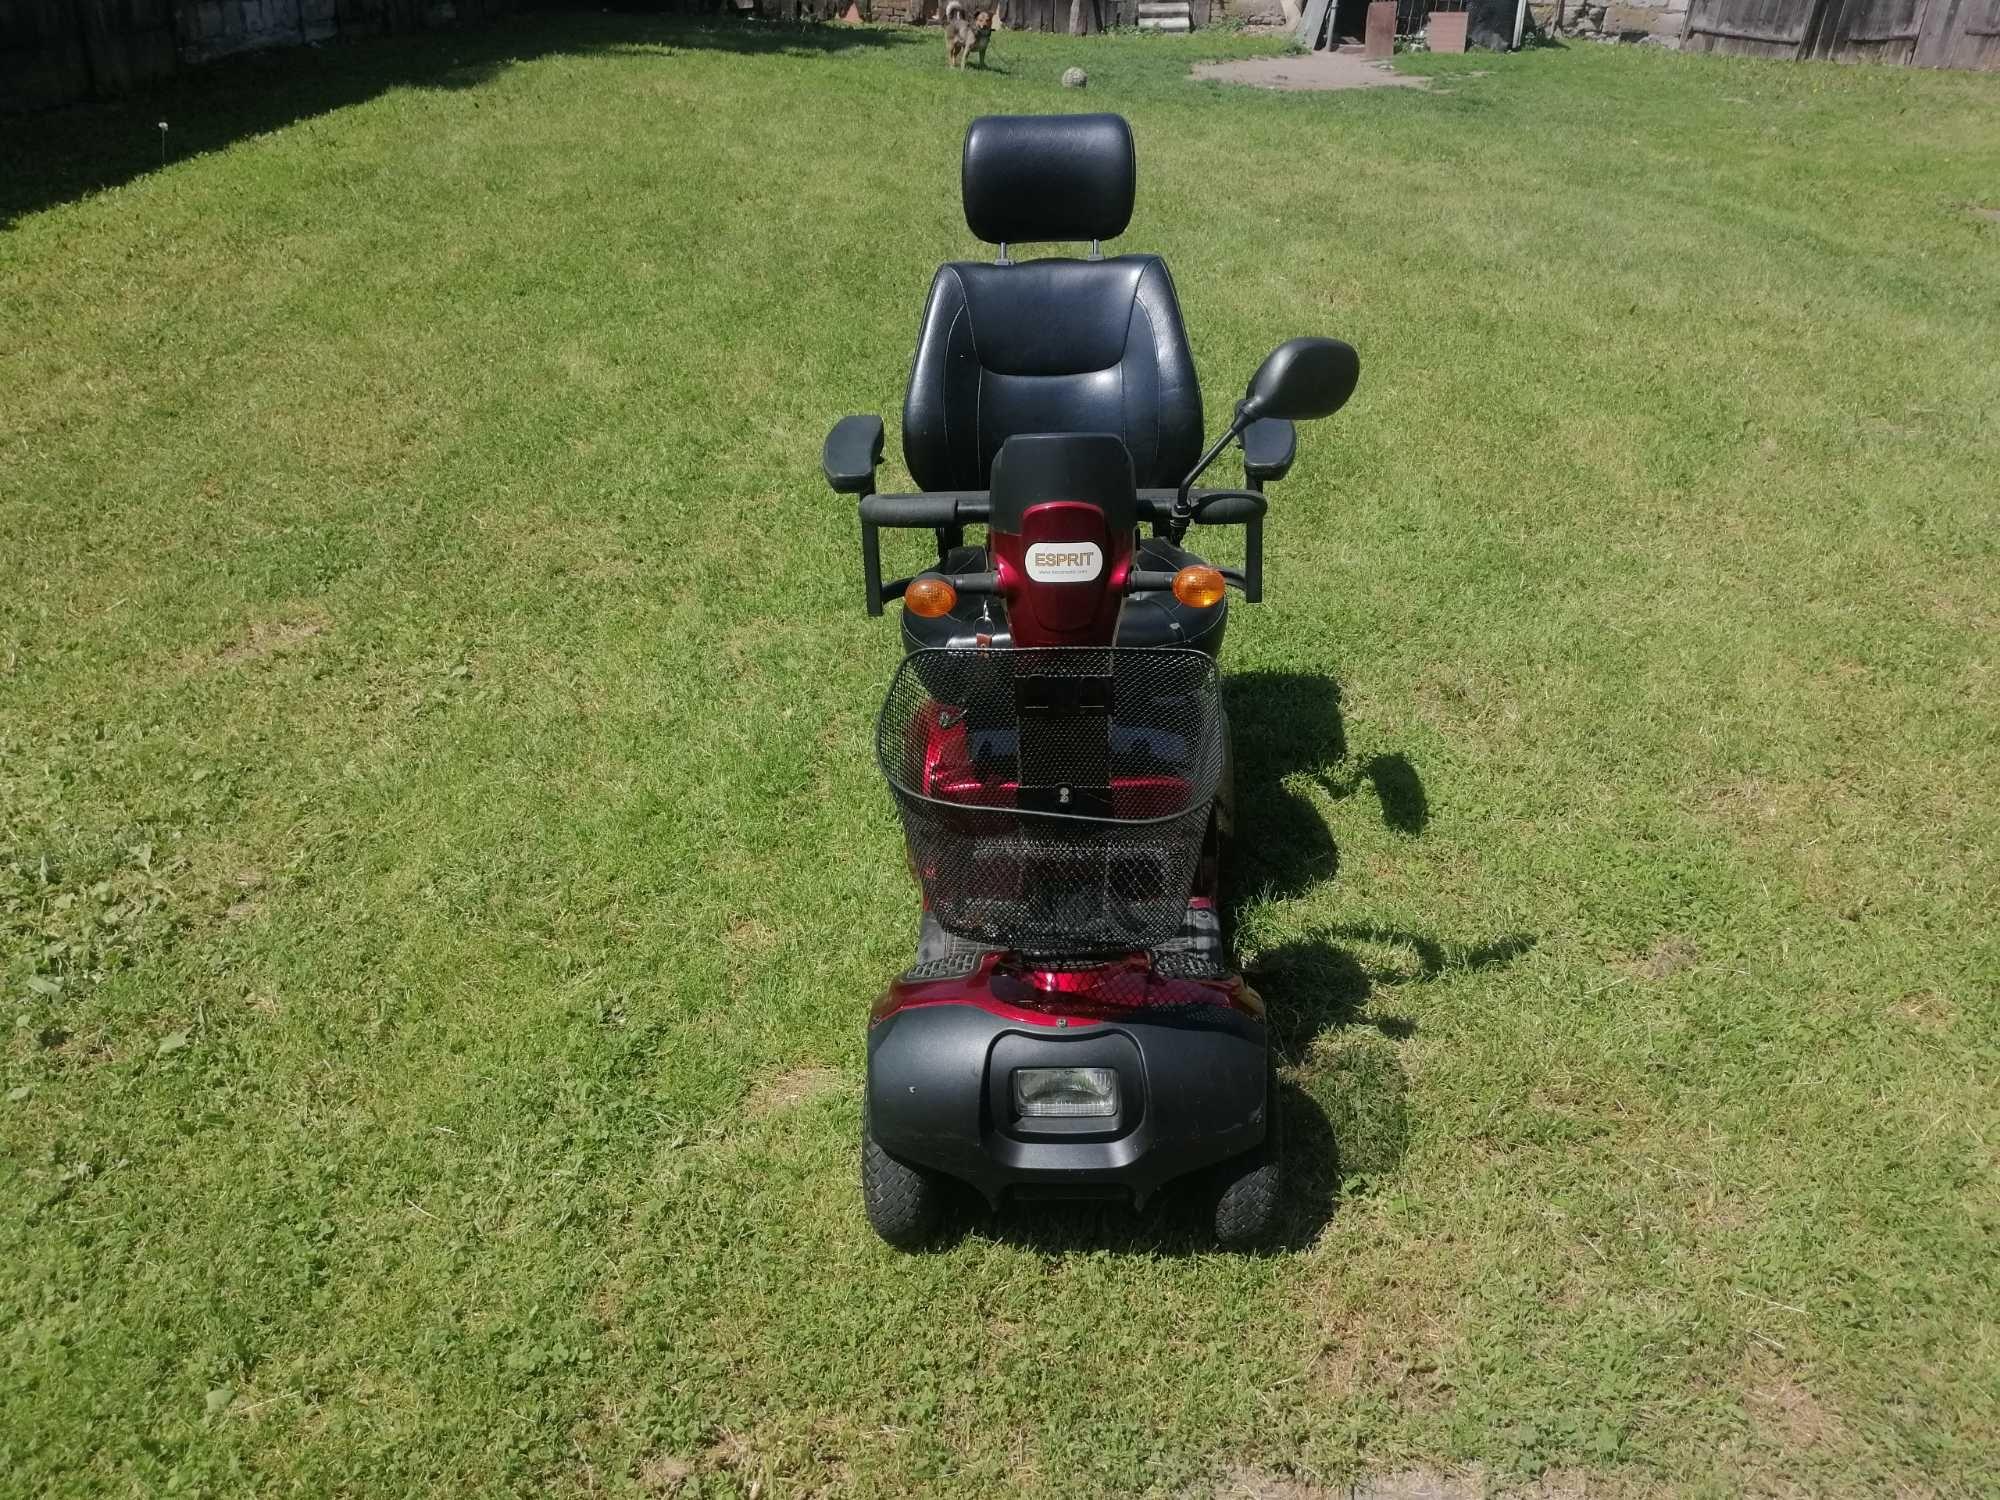 Wozek skuter elektryczny inwalidzki wygodny sprawny bardzo przydatny